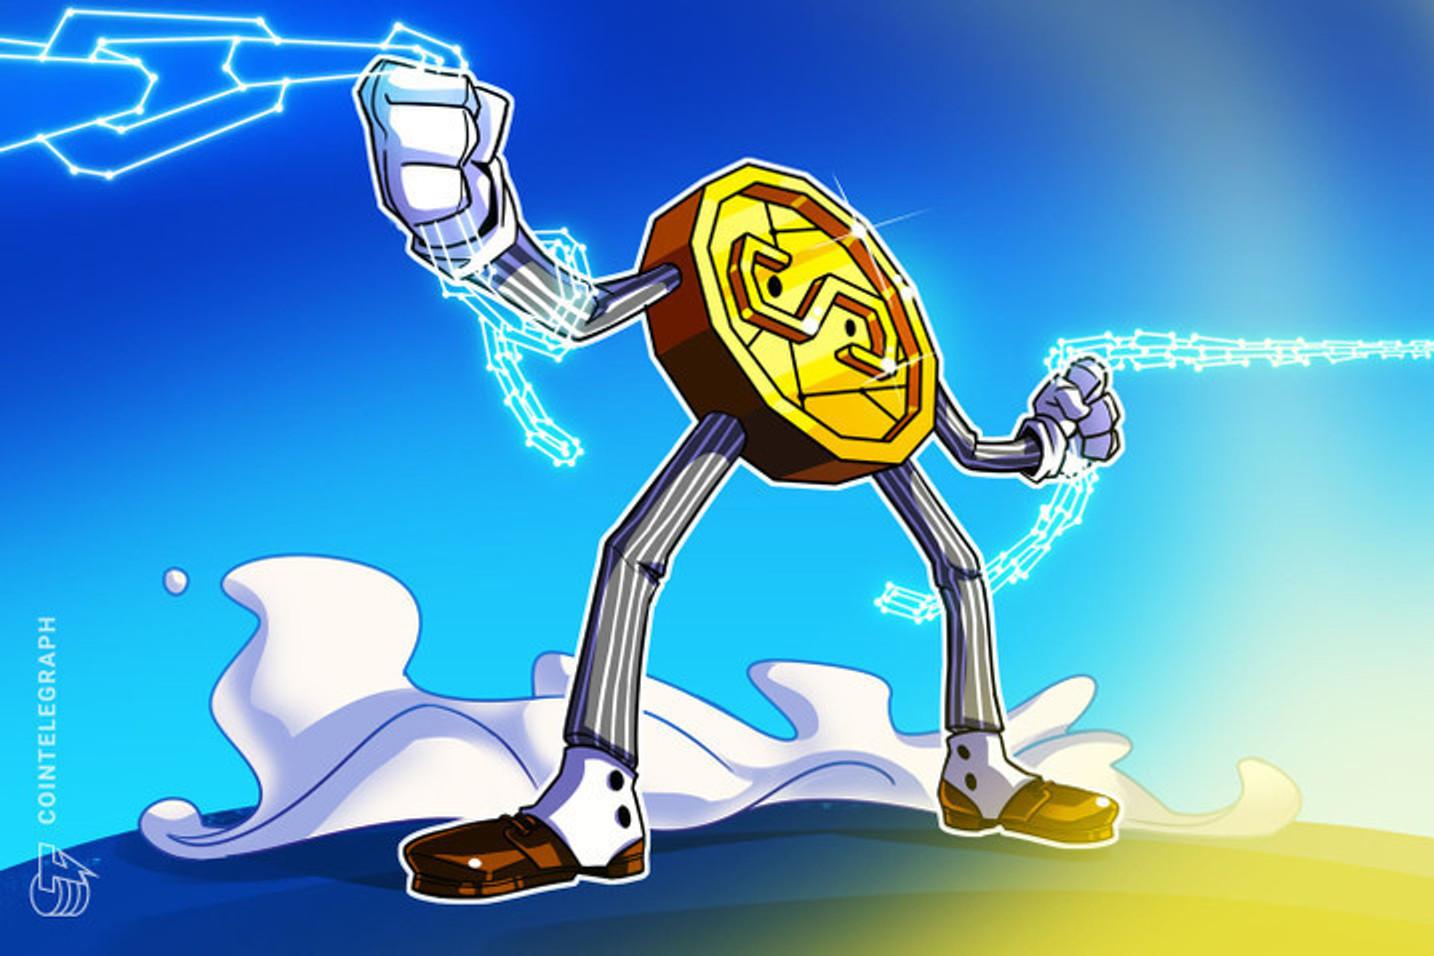 Center Consortium anunciaron el lanzamiento de la versión 2.0 de USD Coin